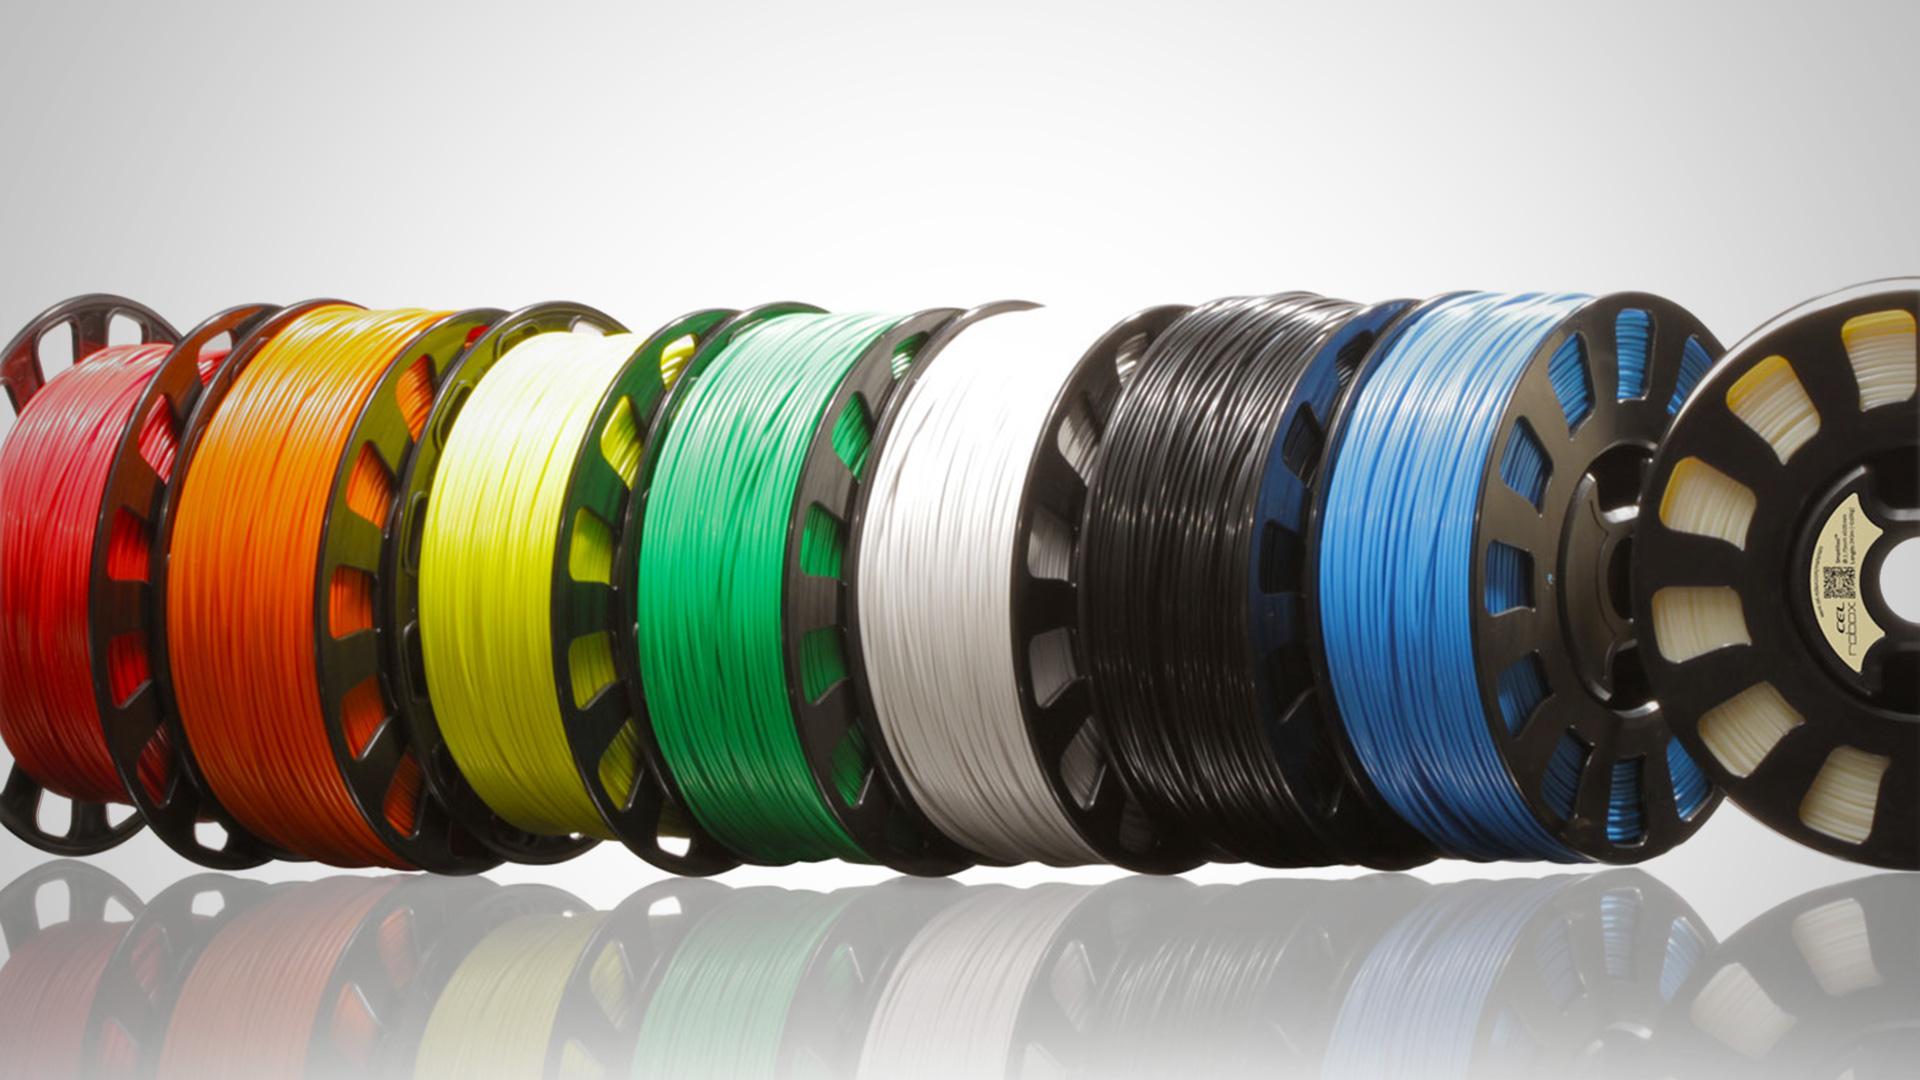 Les 25 meilleurs filaments 3D : comparatif et guide d'achat | All3DP